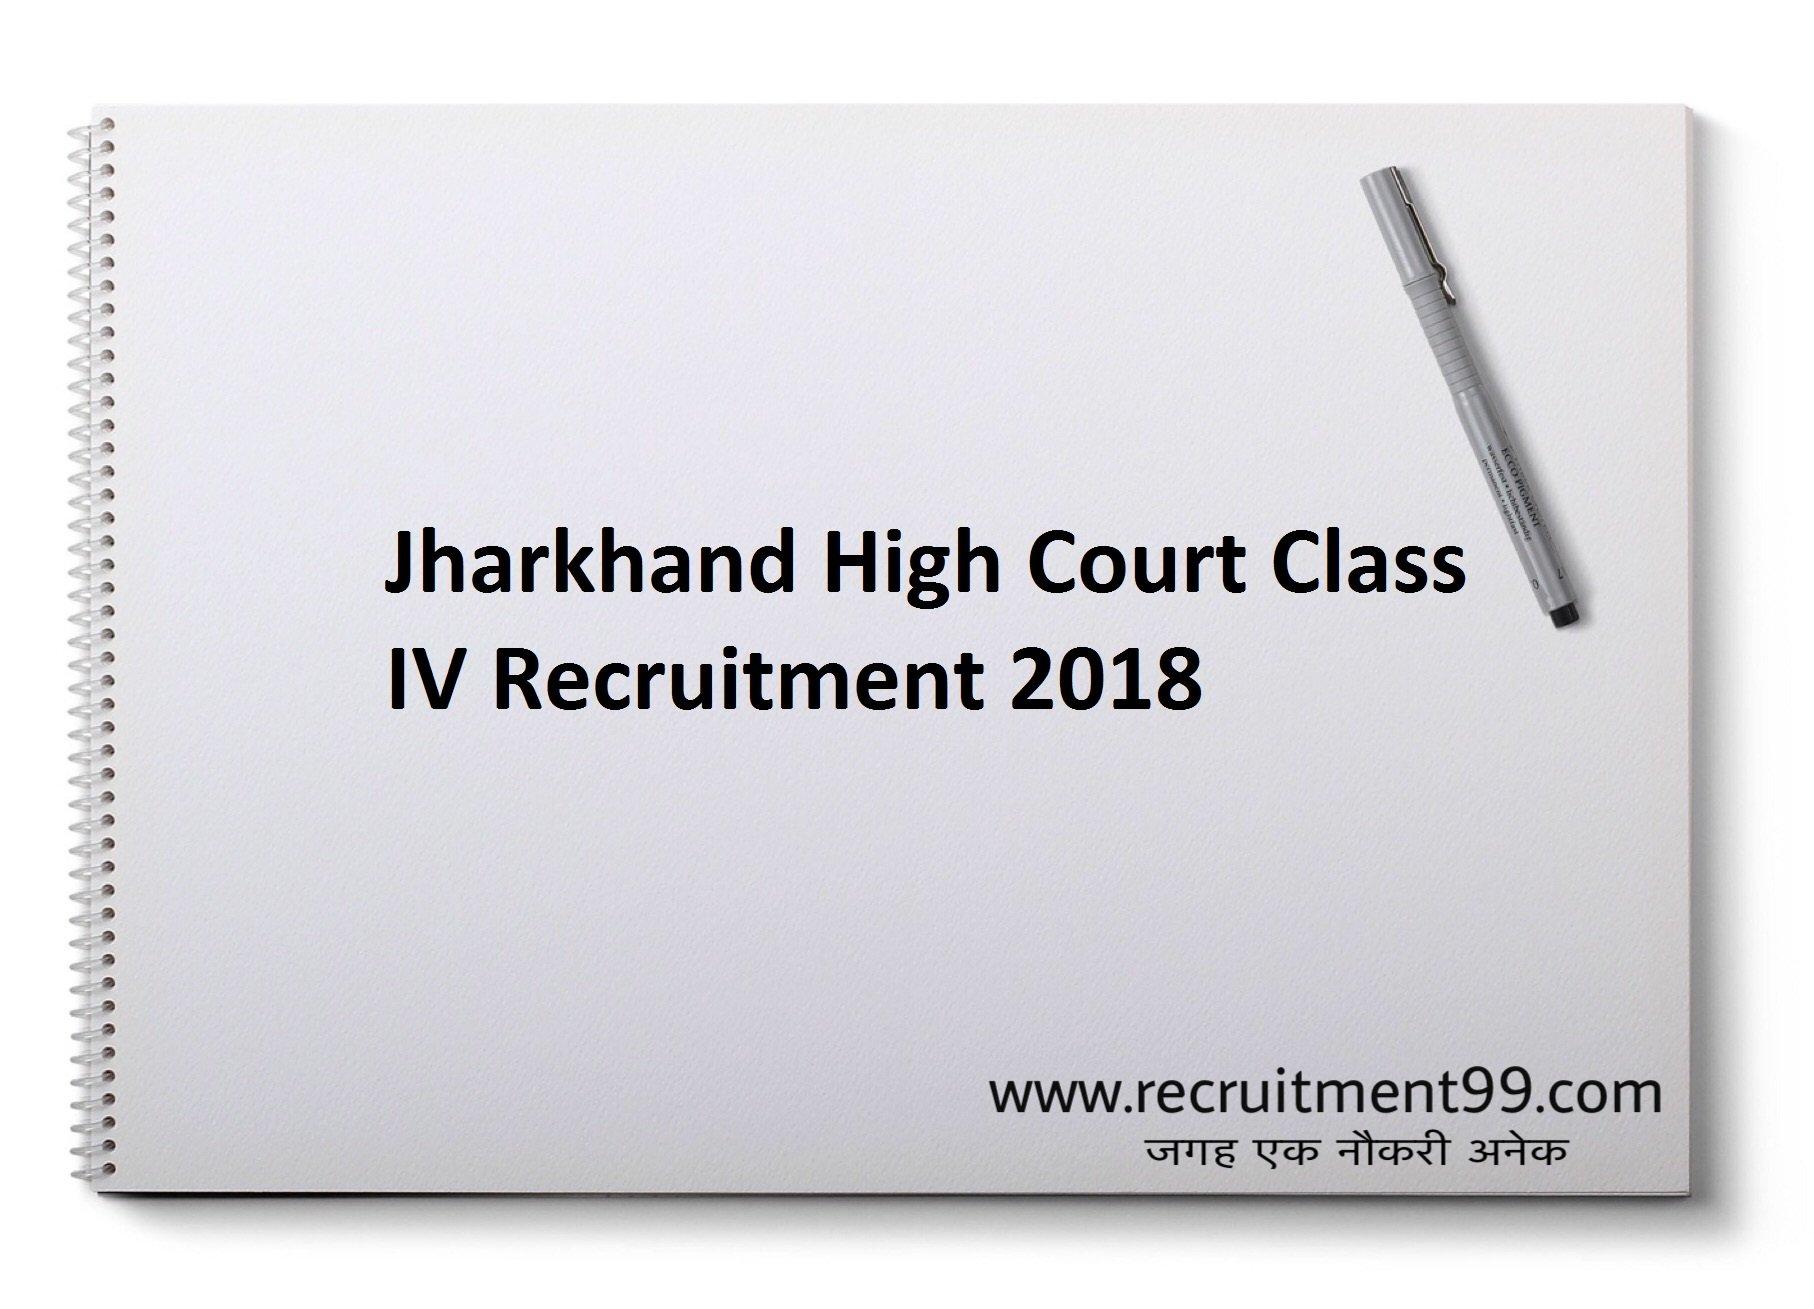 Jharkhand High Court Class IV Recruitment Admit Card Result 2018